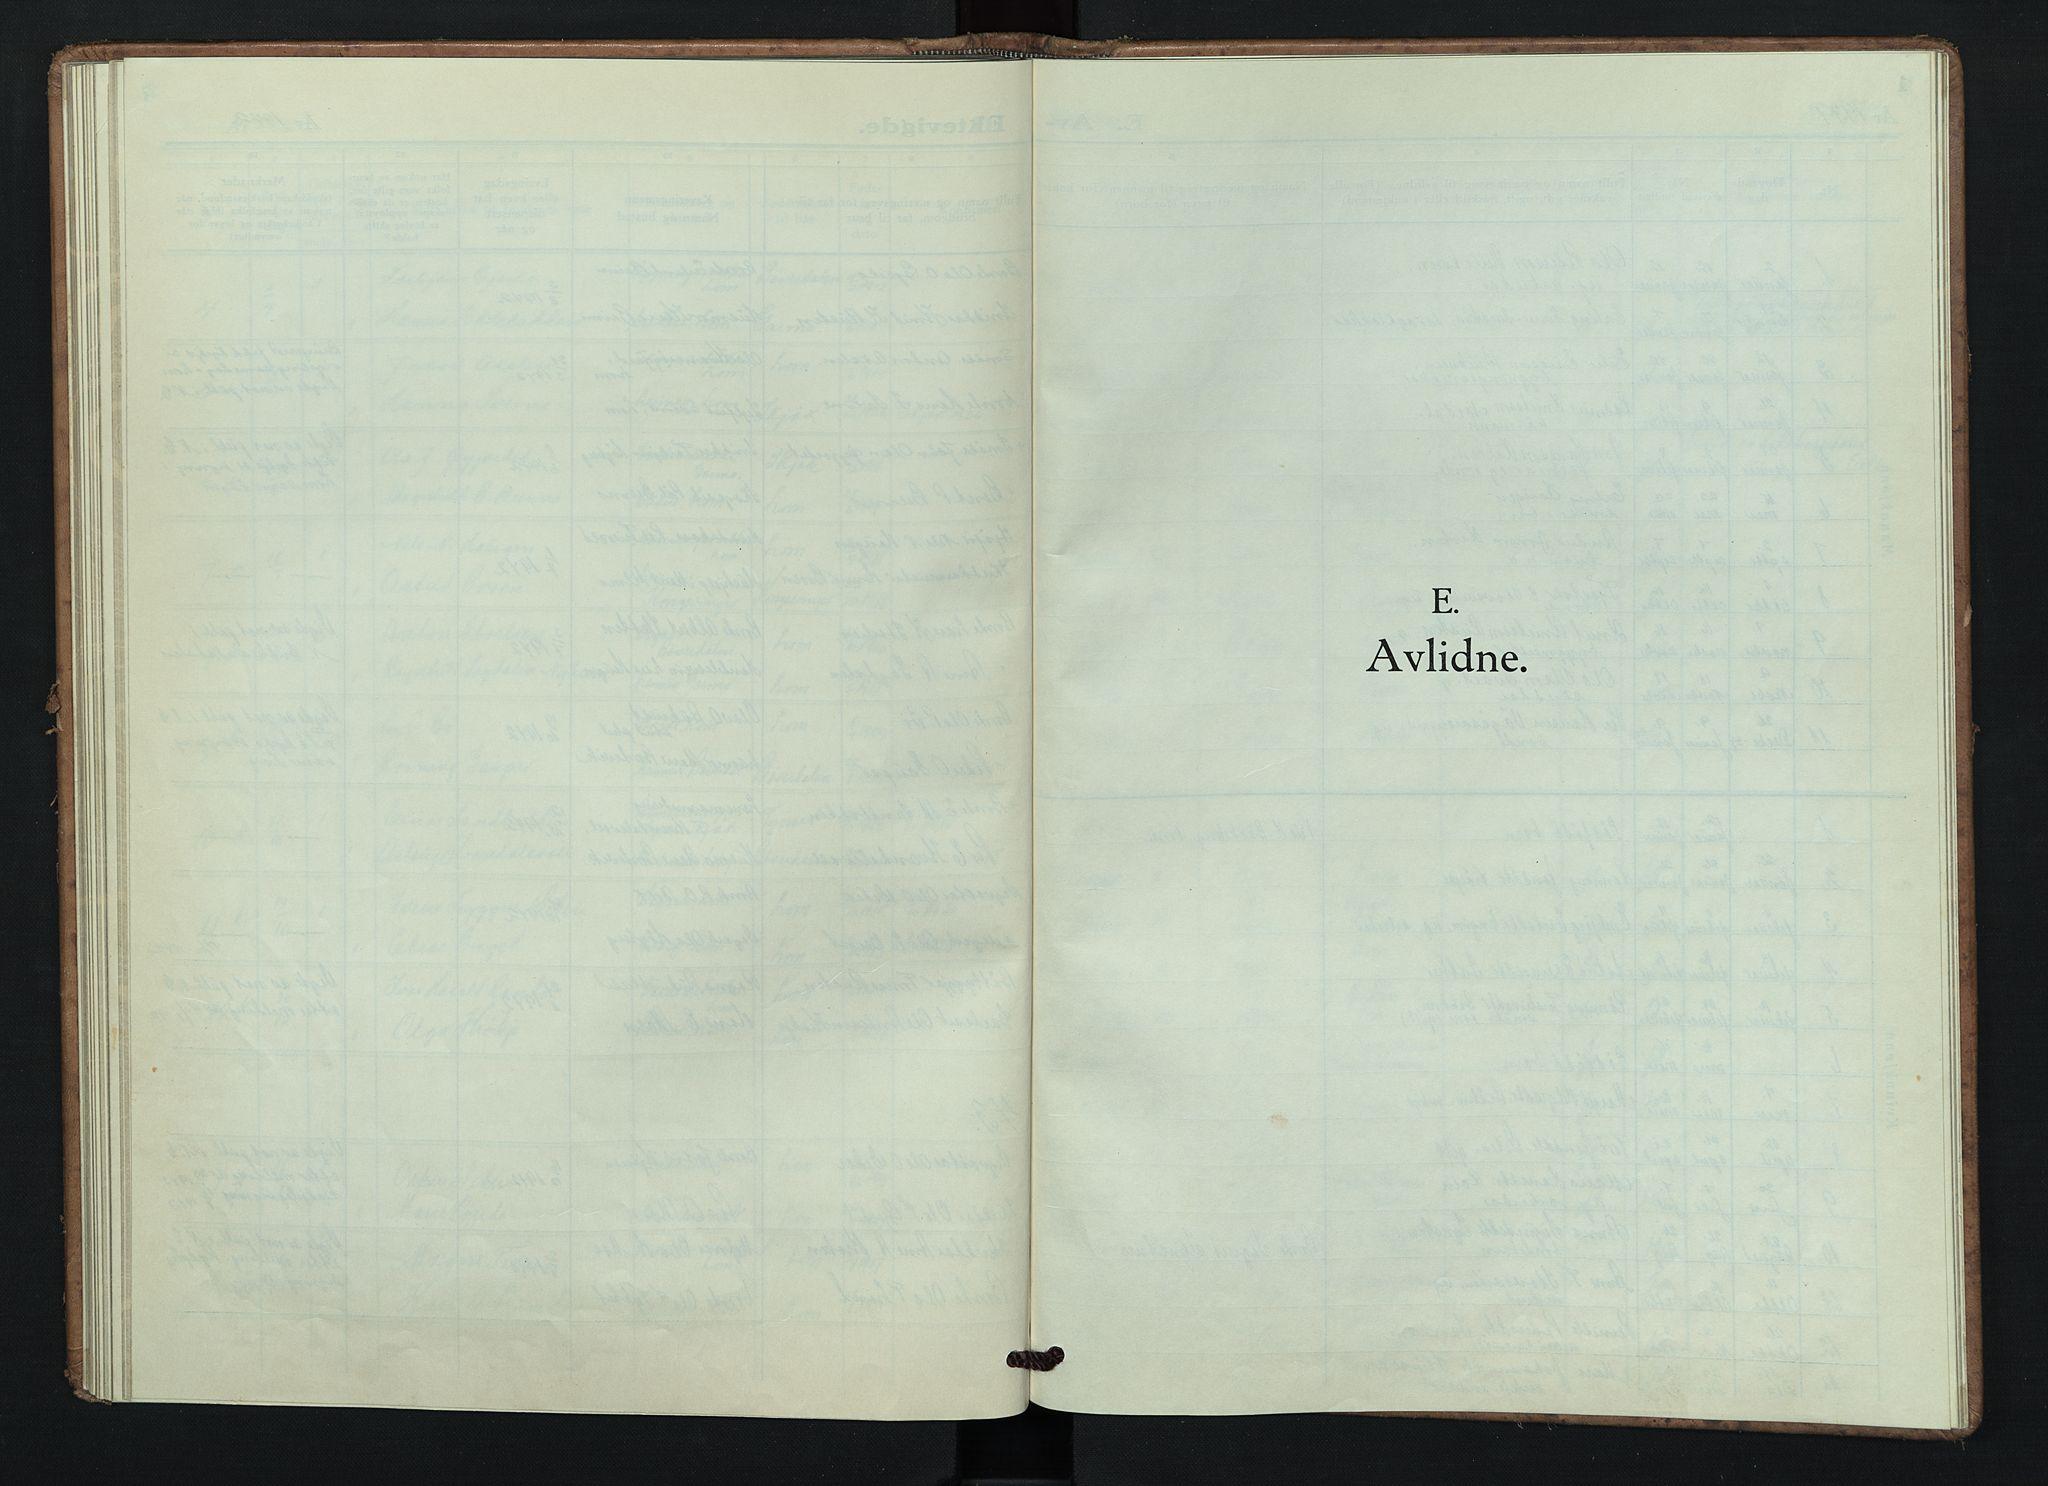 SAH, Lom prestekontor, L/L0009: Klokkerbok nr. 9, 1939-1947